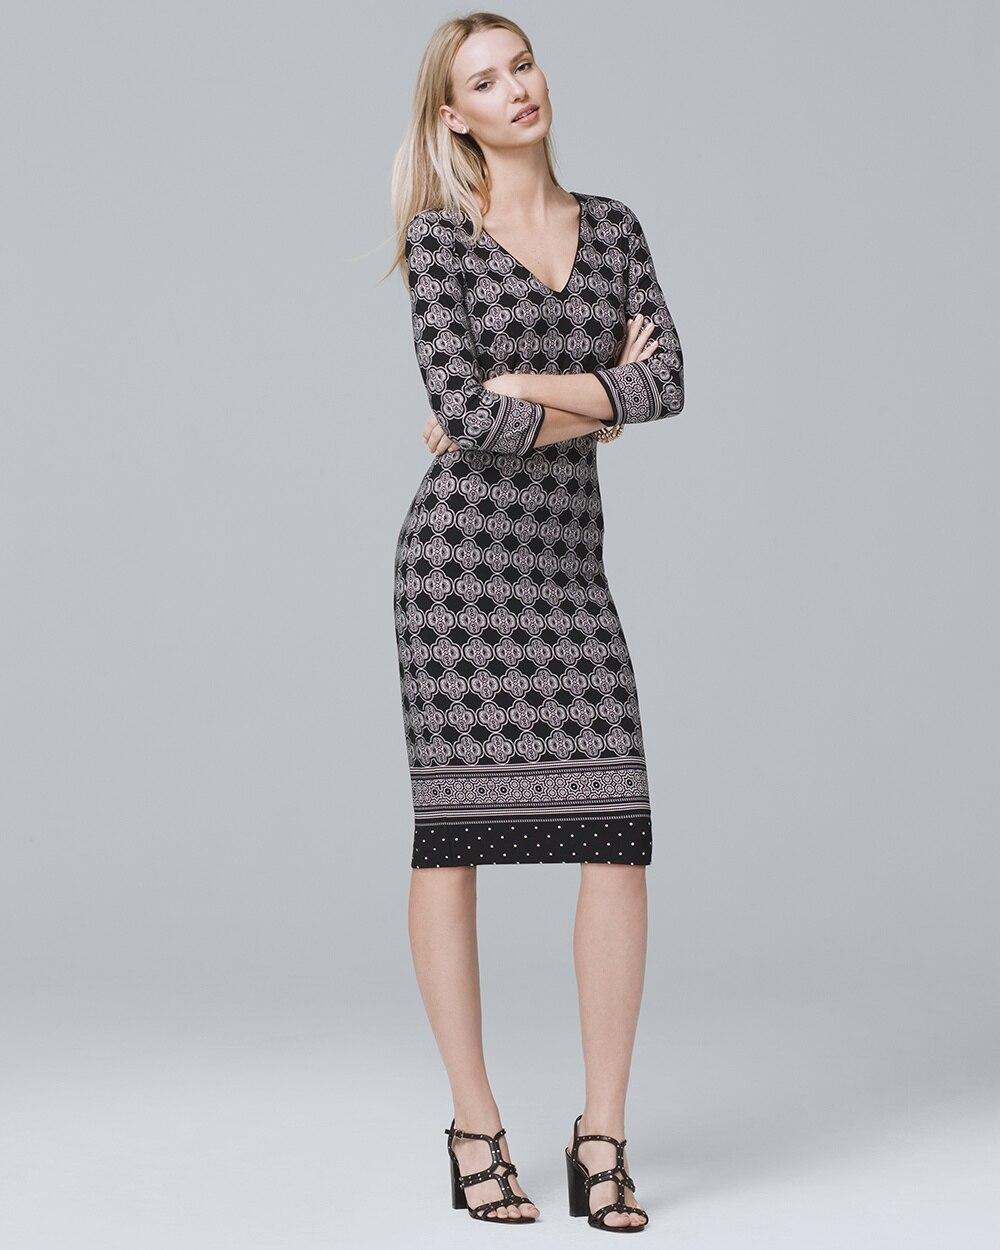 fb8b4f28cd Reversible Sheath Dress - White House Black Market